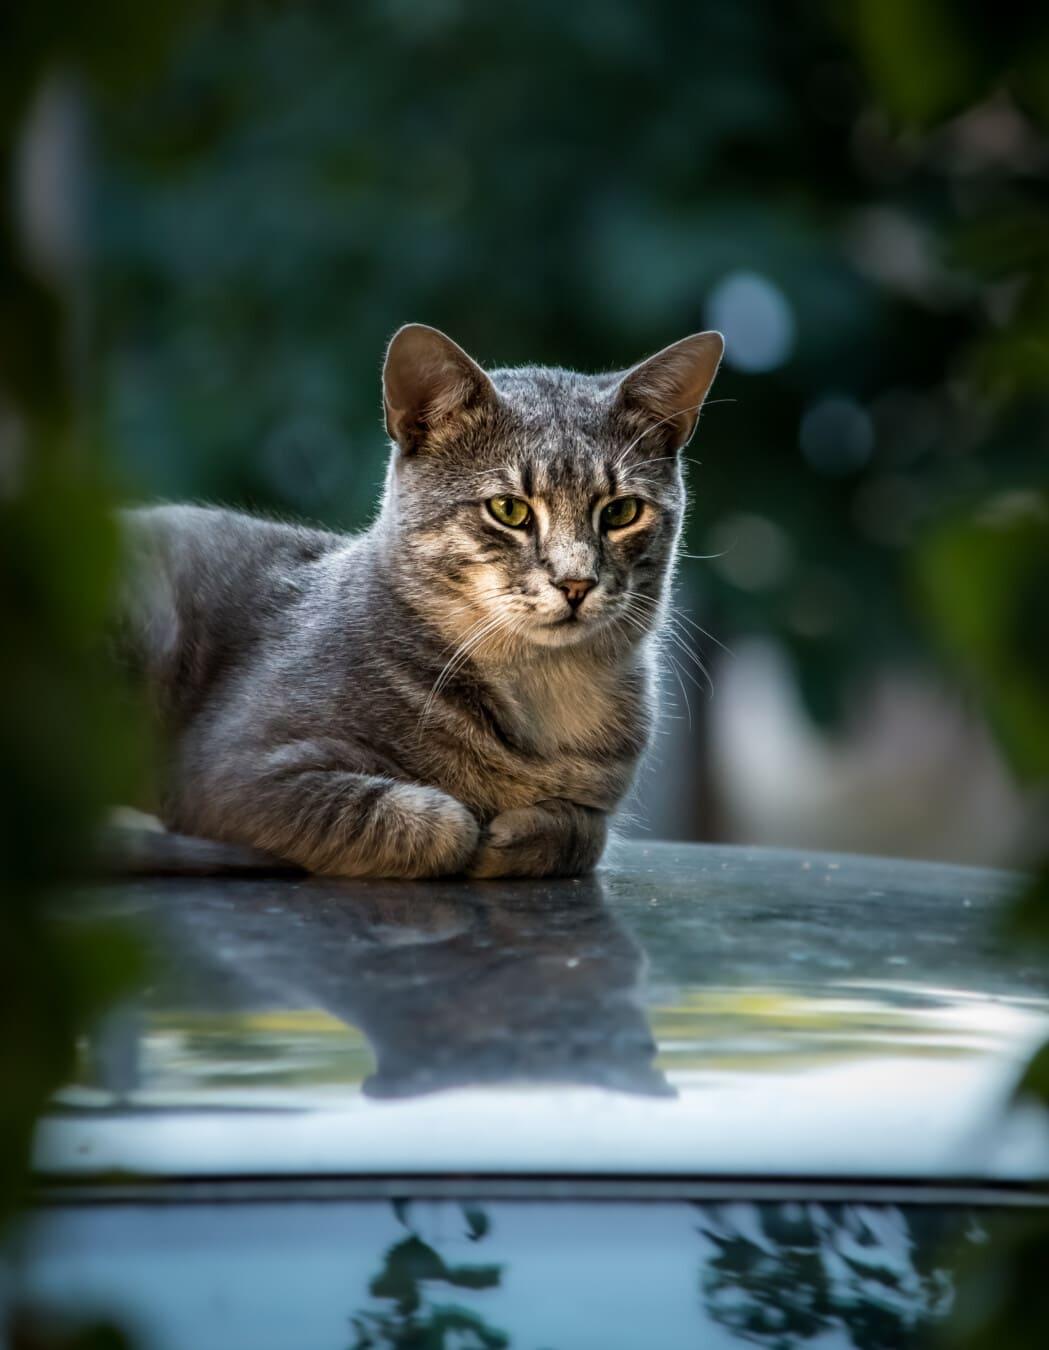 sọc mèo, nằm xuống, ô tô, Đặt ra, con mèo, động vật, lông thú, Dễ thương, mèo trong nước, mèo con